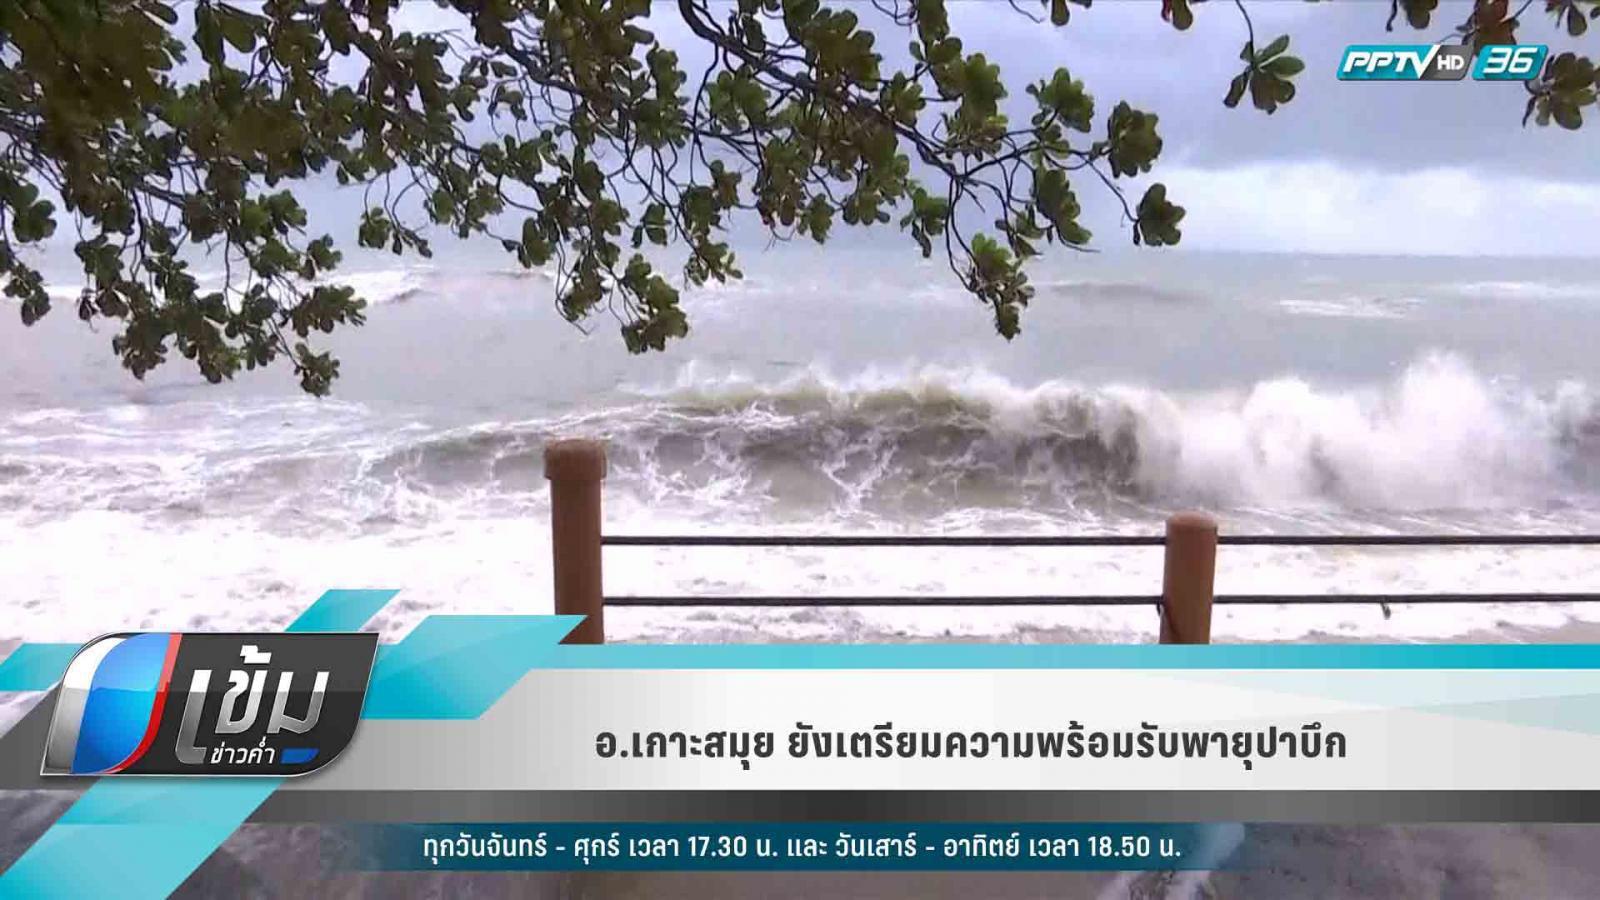 อ.เกาะสมุย ยังเตรียมความพร้อมรับพายุปาบึก